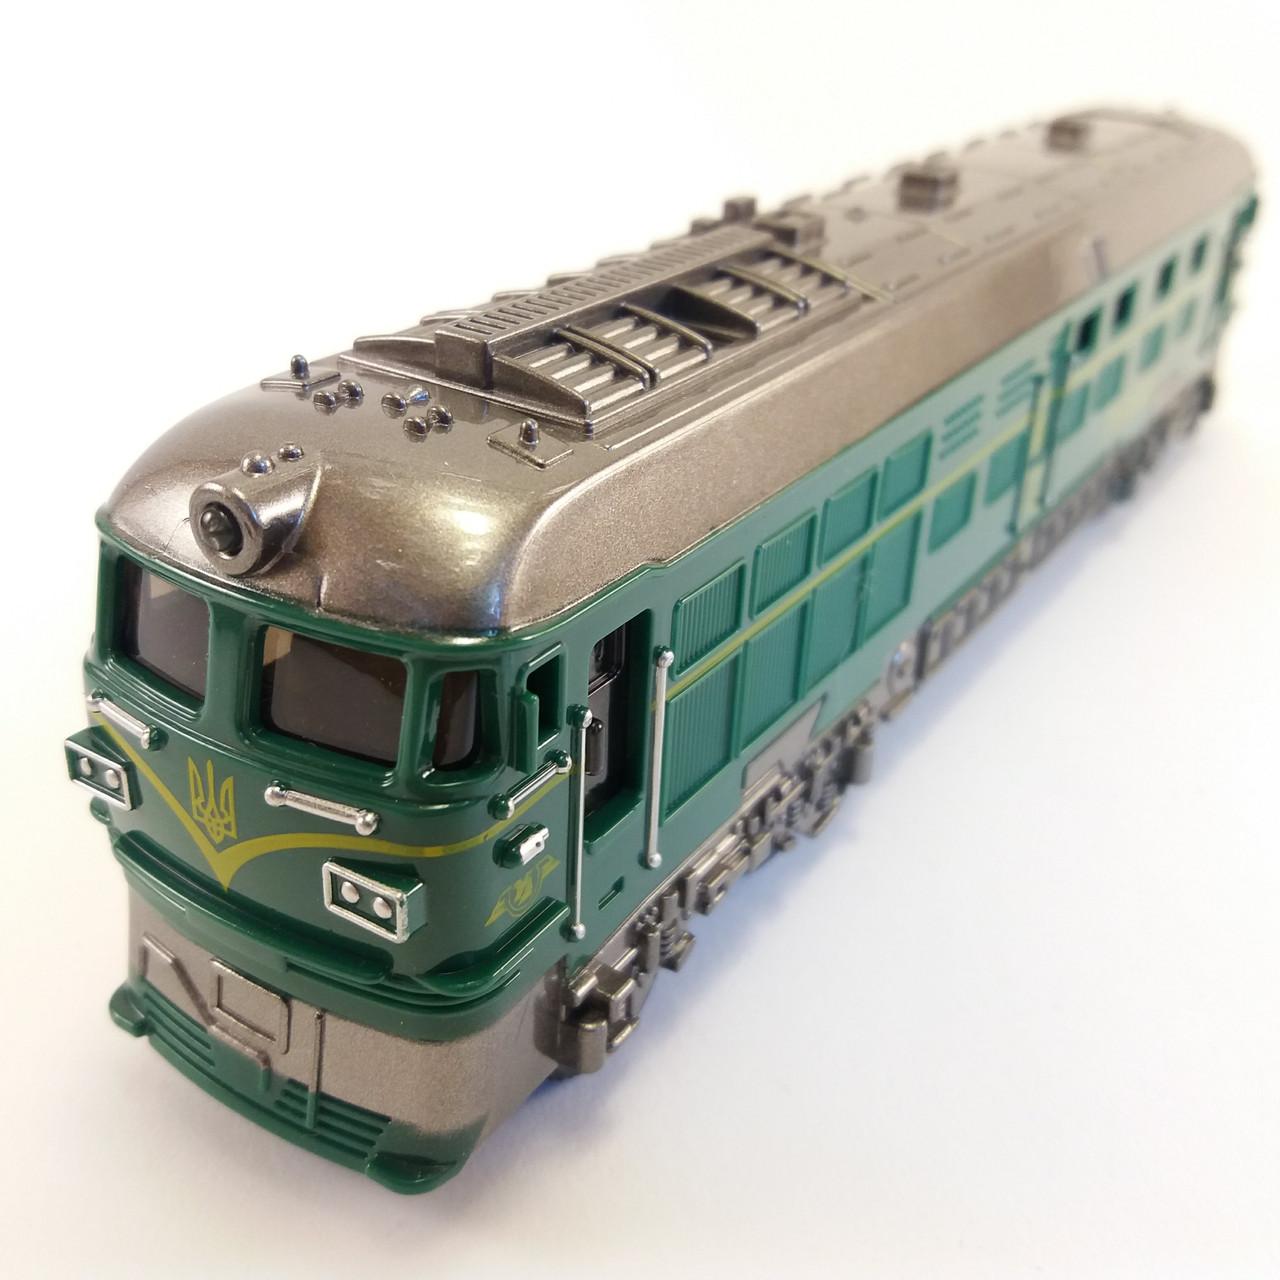 Поезд Автопром 7792 свет, звук, пластик Зелений